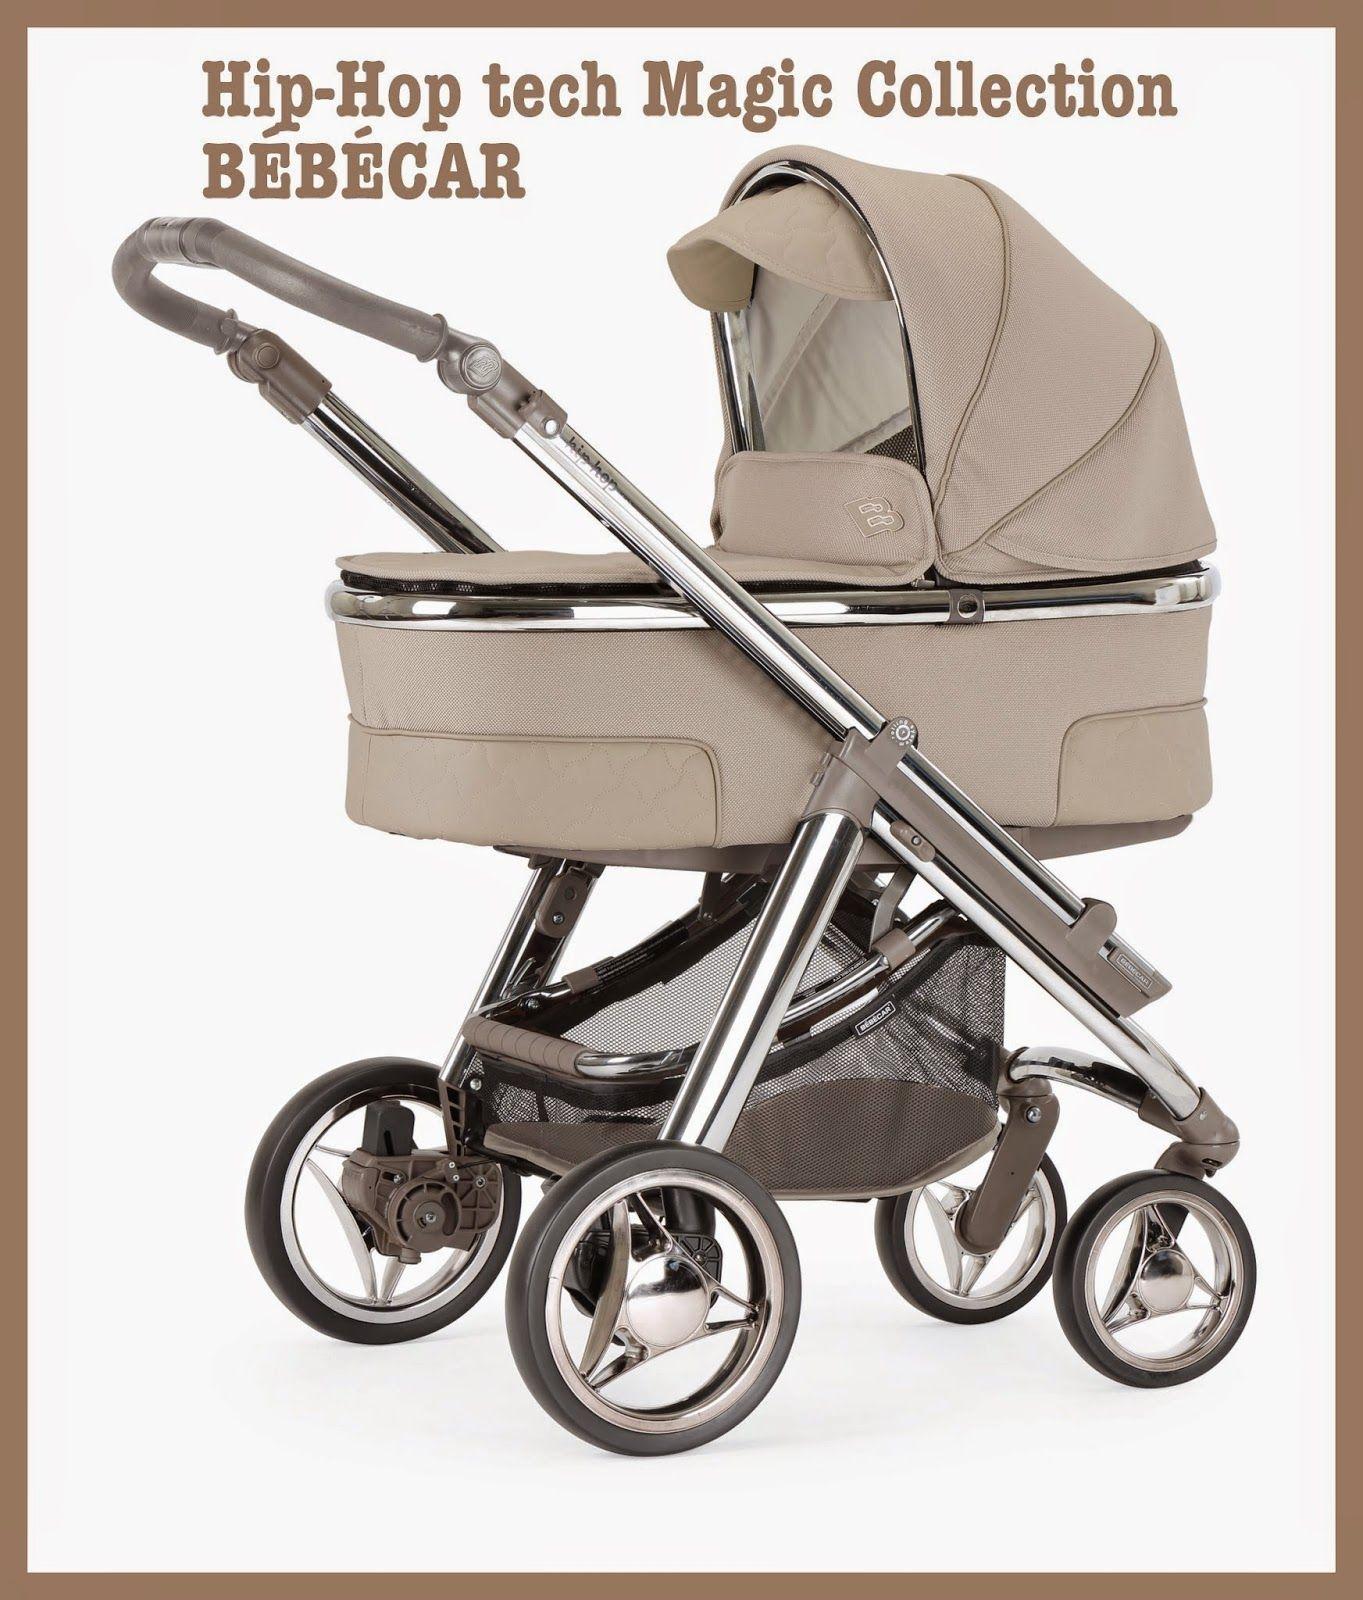 Conoces la colección de coches de bebé Privé 2015 de Bébécar